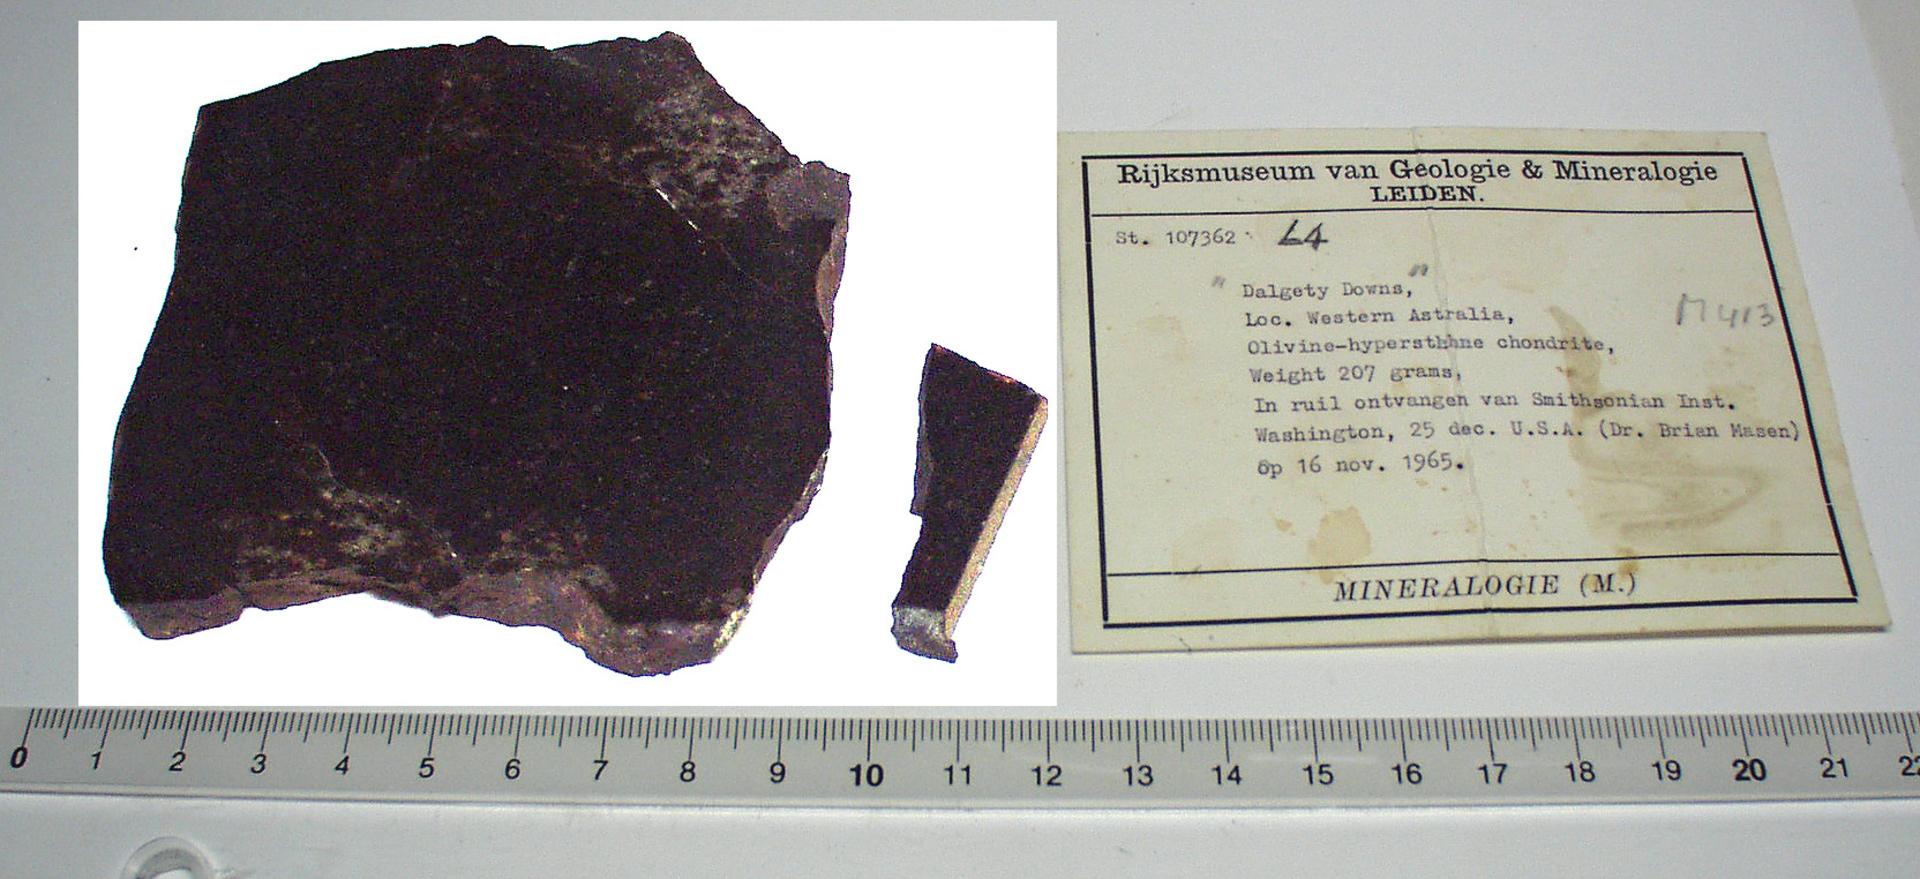 RGM.107362   L4